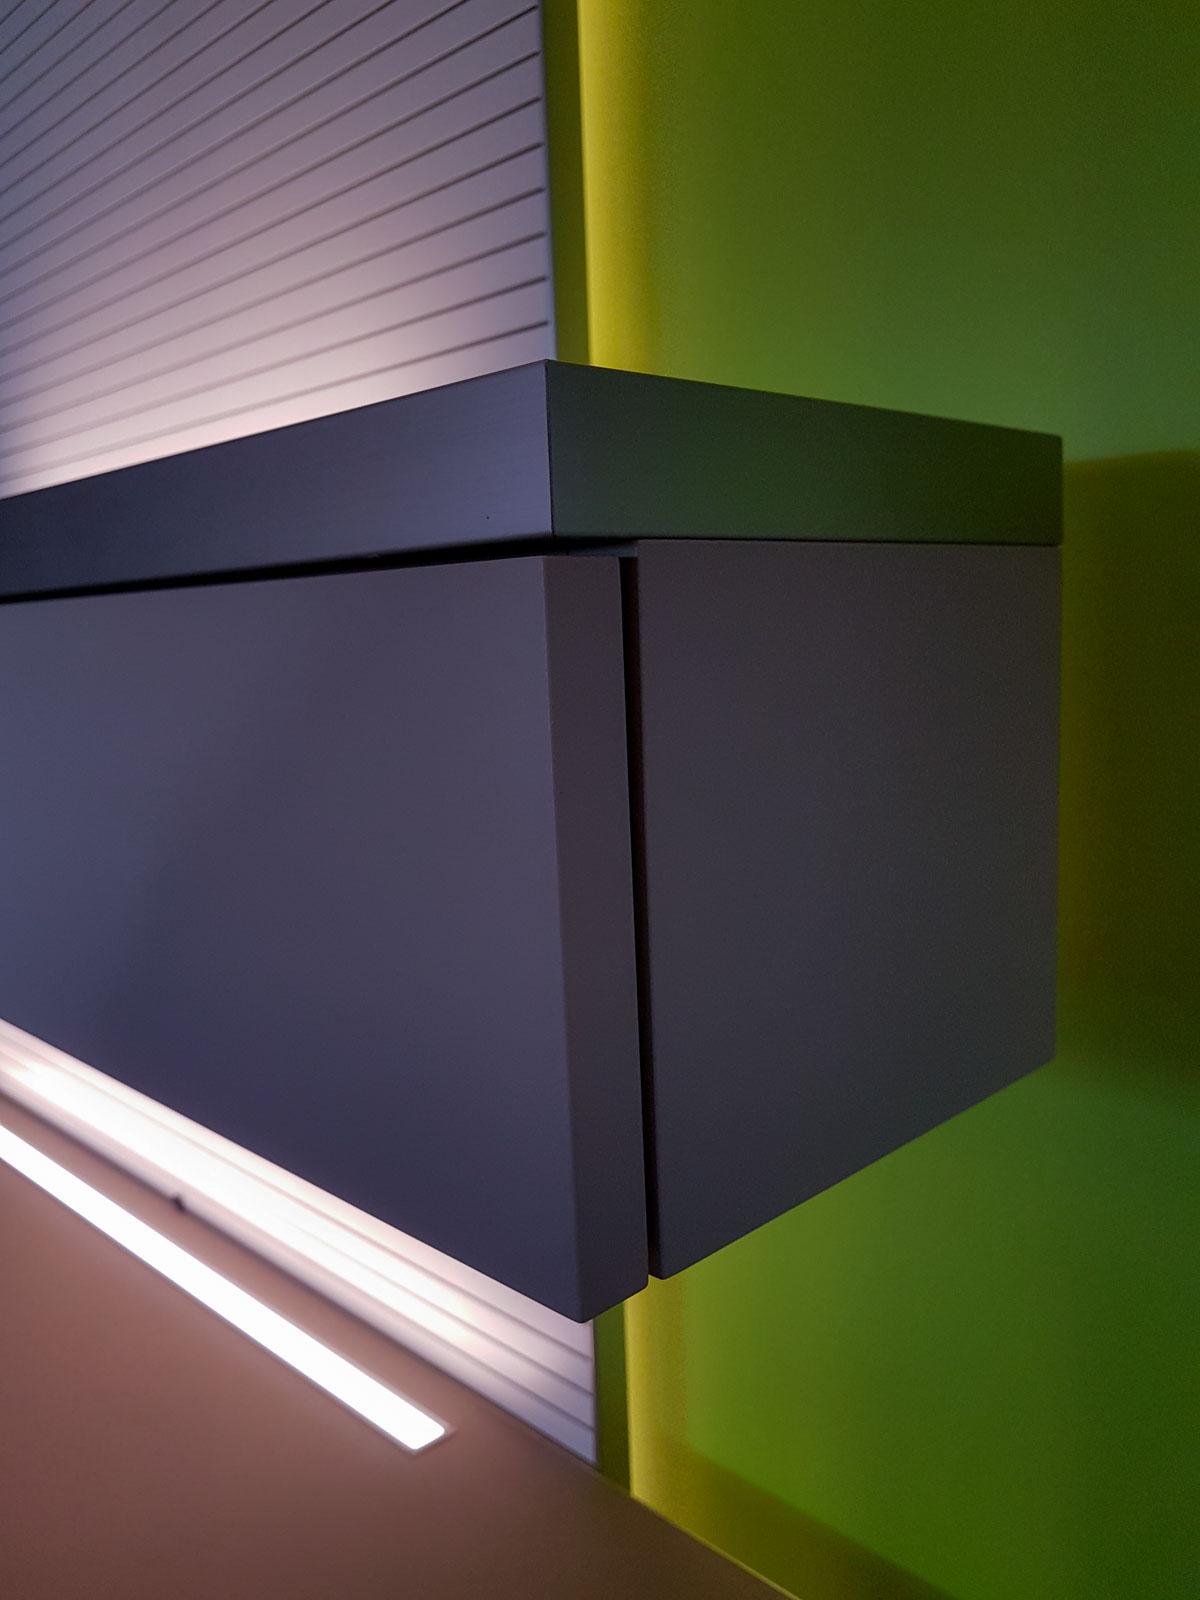 Wooddesign_Wohnzimmermöbel_grün weiss_Schallabsorption_Schalldämmung_Garderobe (3)